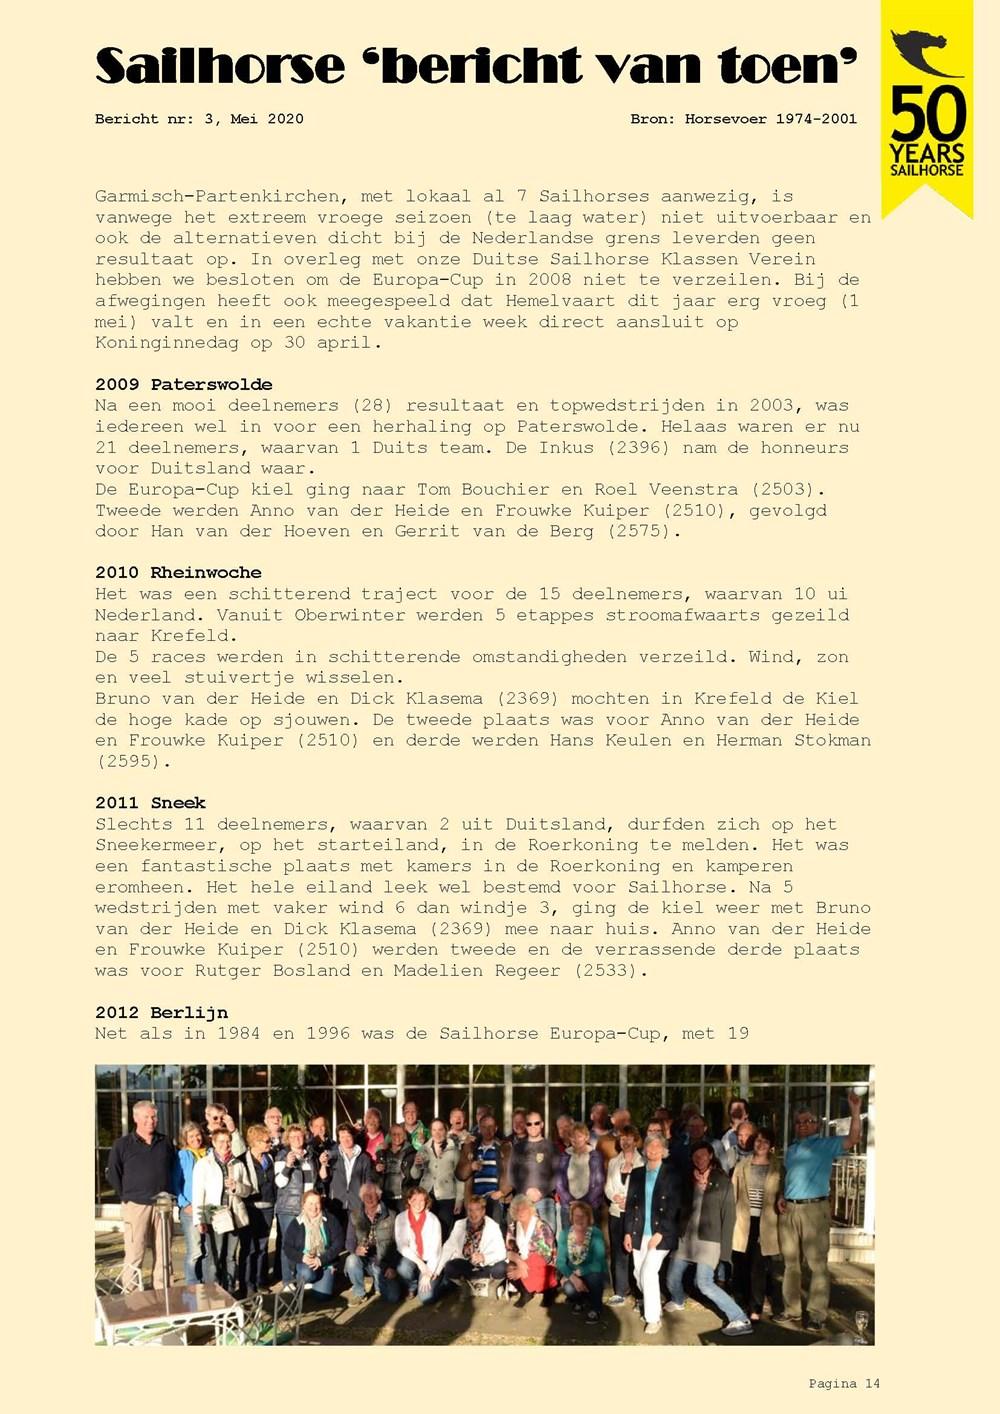 Bericht_van_toen_3_Mei_def_Page_14.jpg